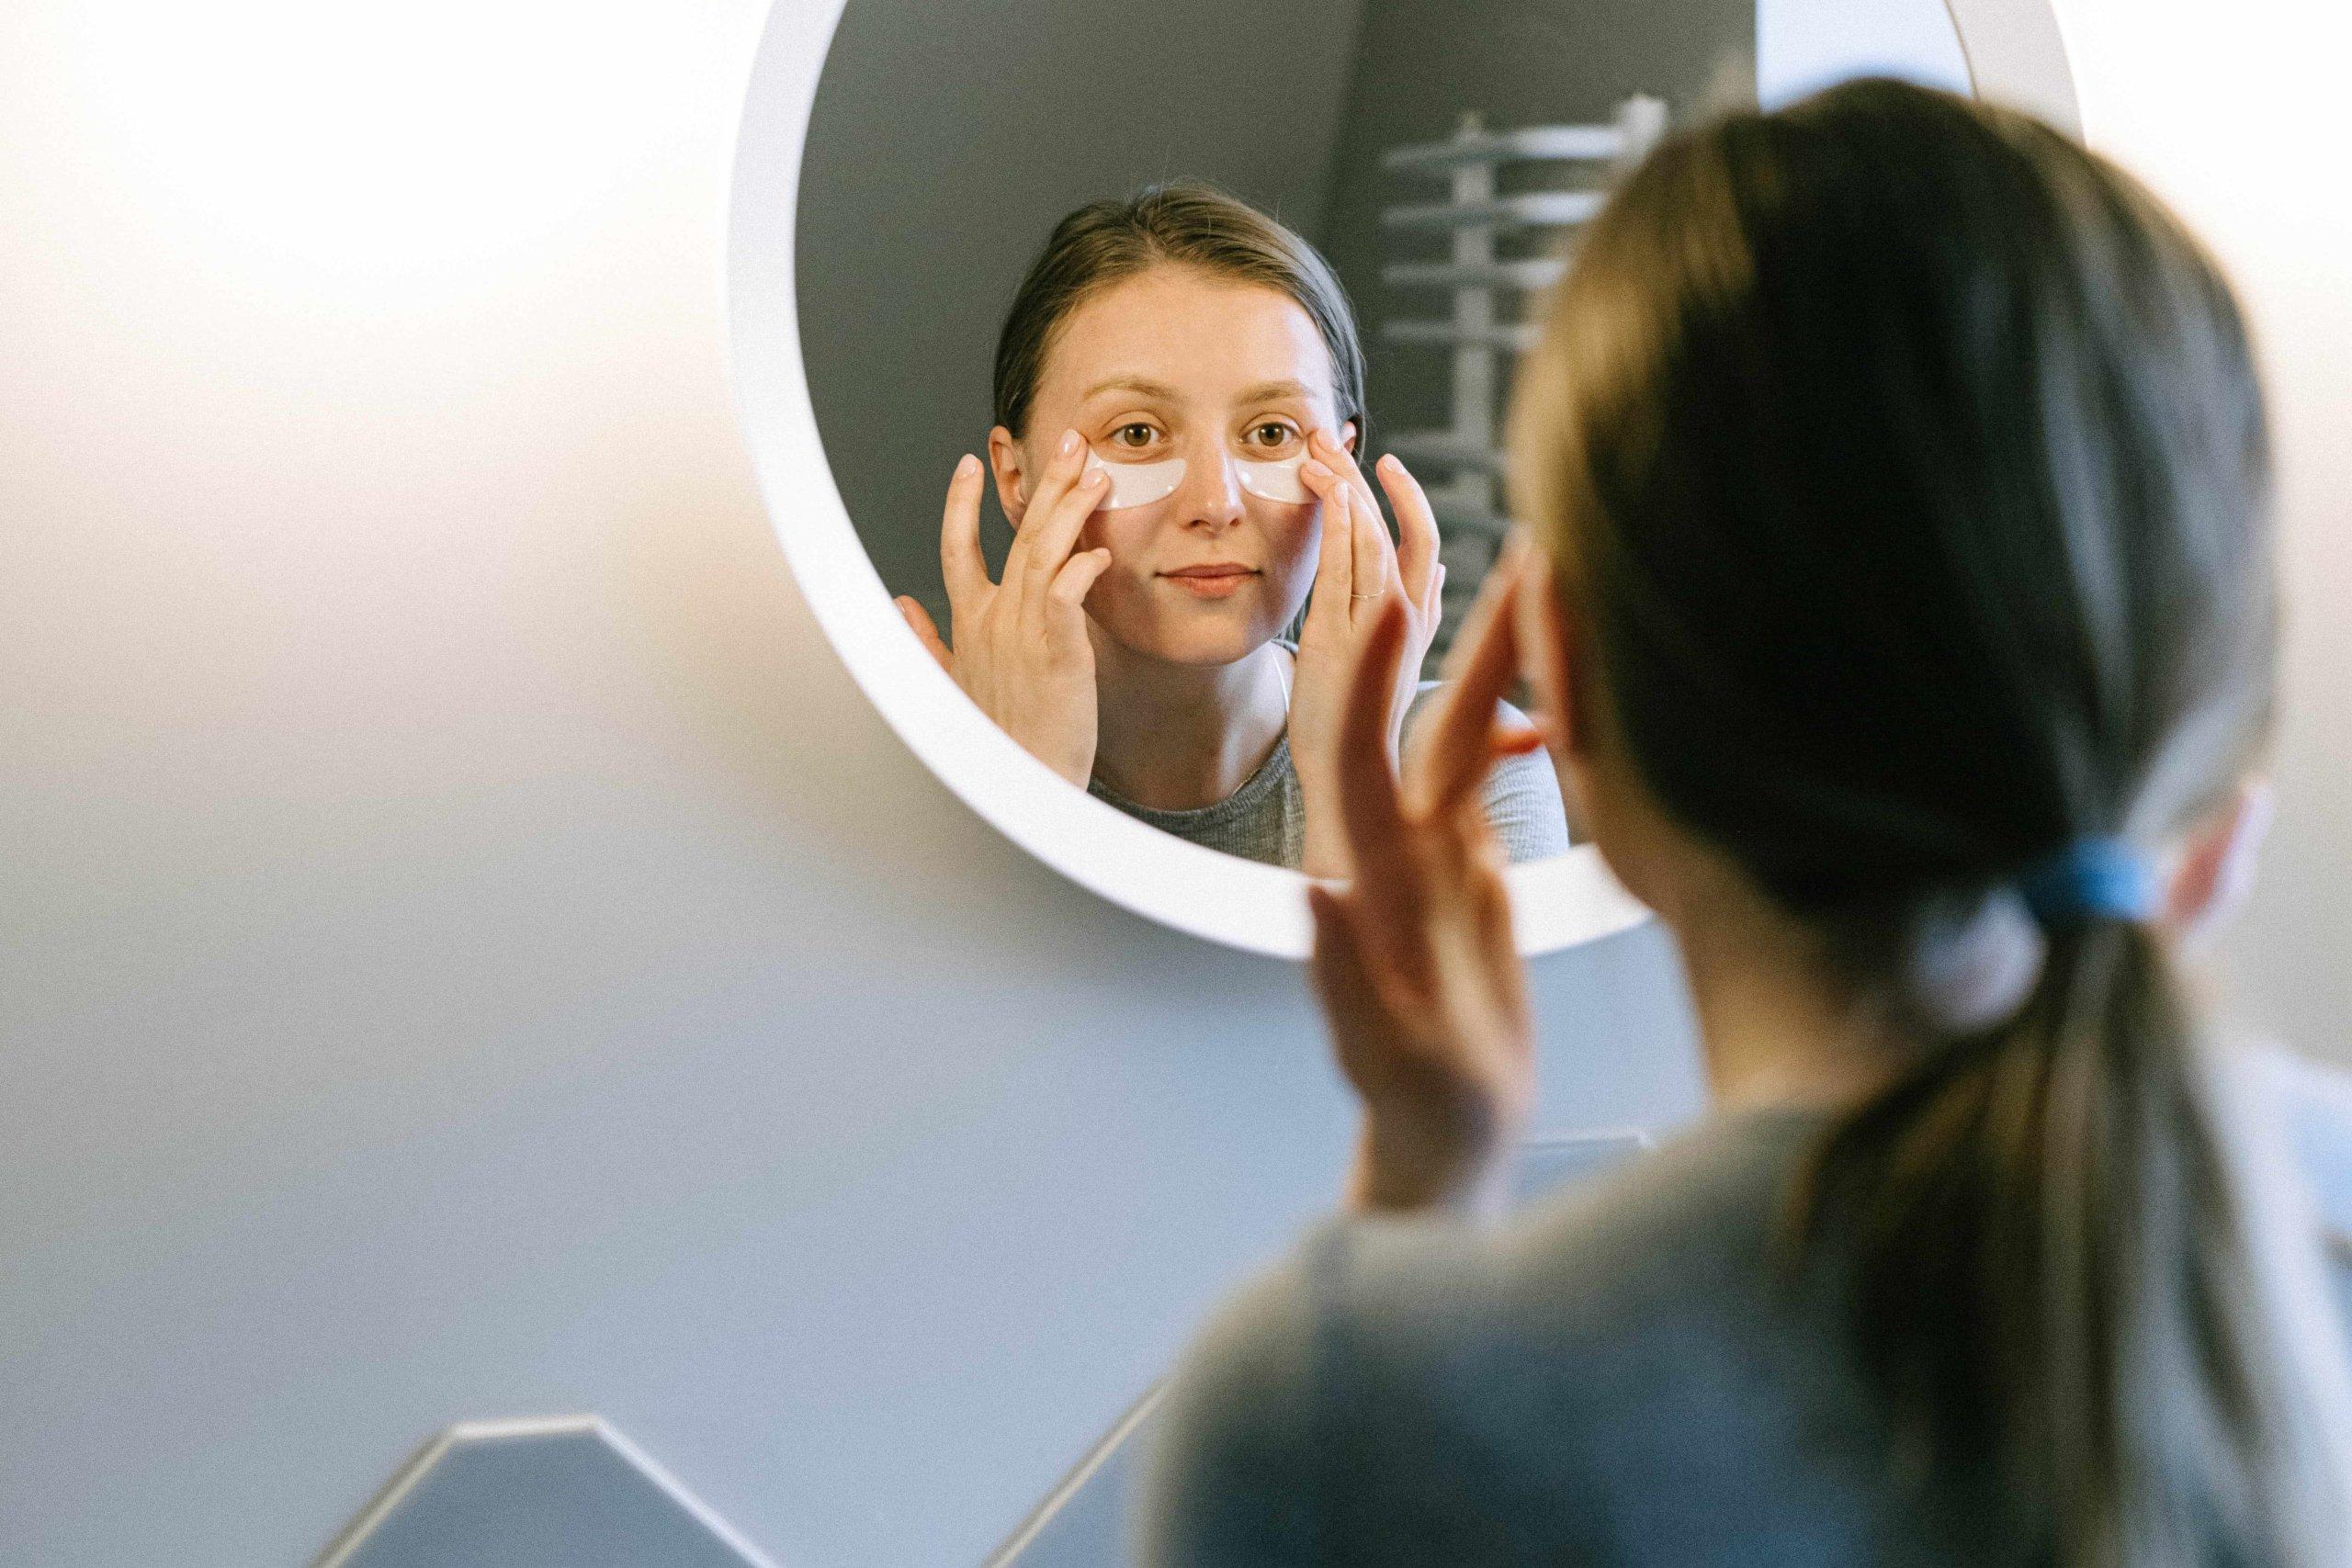 Nije bitno samo što nanosite na svoje lice, već i kako: Radite li masažu lica?